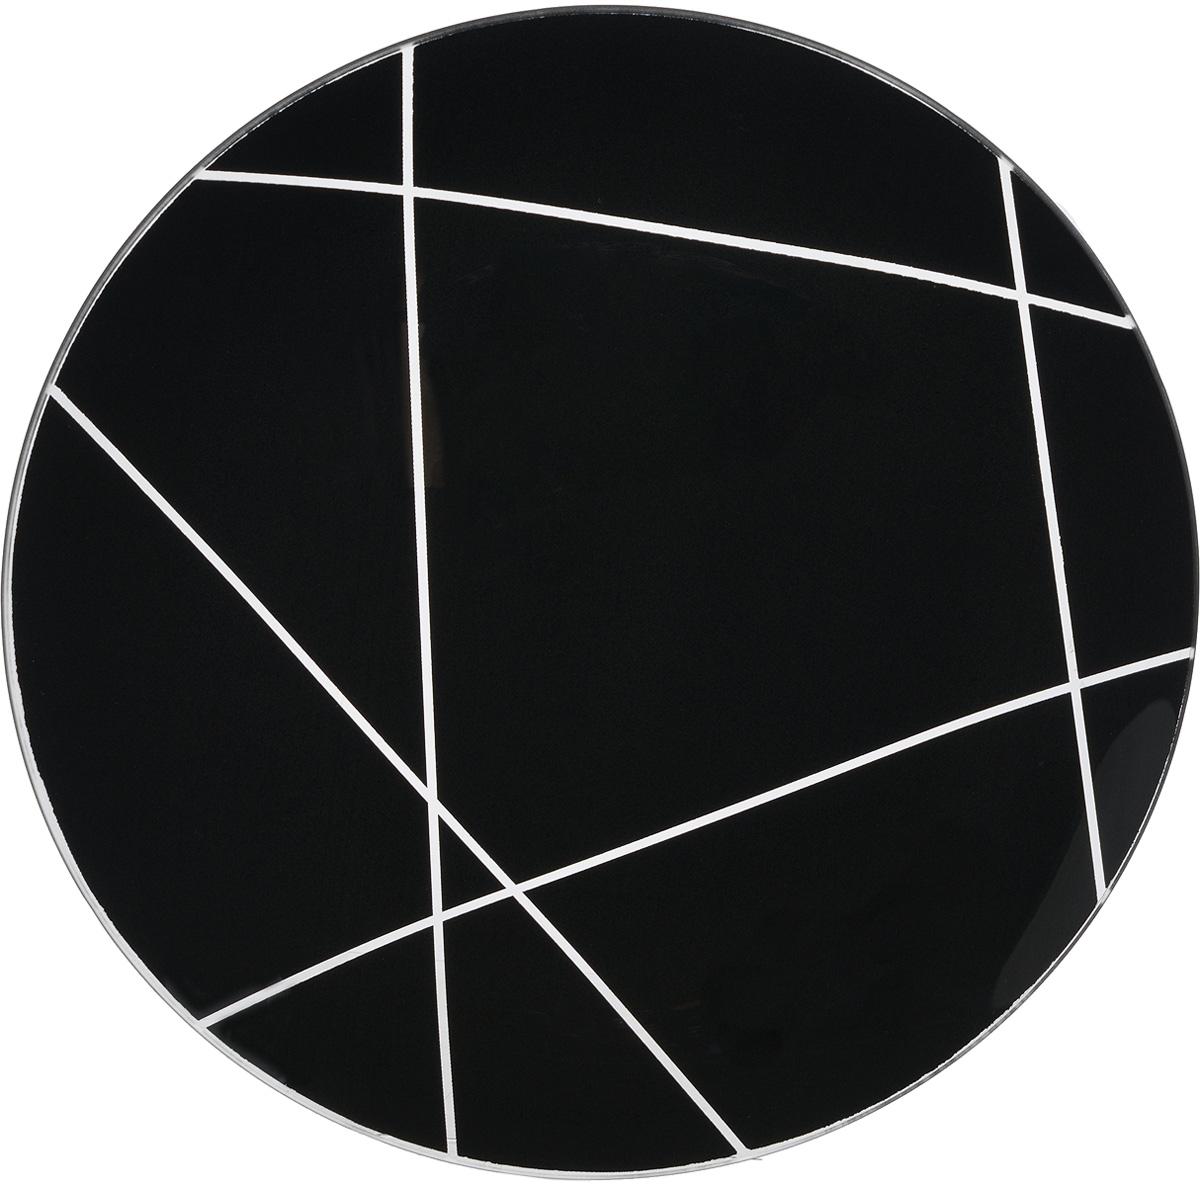 Тарелка NiNaGlass Контур, цвет: черный, диаметр 26 см85-260-002/чернТарелка NiNaGlass Виктория выполнена из высококачественного стекла и оформлена красивым прозрачным геометрическим принтом. Тарелка идеальна для подачи вторых блюд, а также сервировки закусок, нарезок, салатов, овощей и фруктов. Она отлично подойдет как для повседневных, так и для торжественных случаев.Такая тарелка прекрасно впишется в интерьер вашей кухни и станет достойным дополнением к кухонному инвентарю.